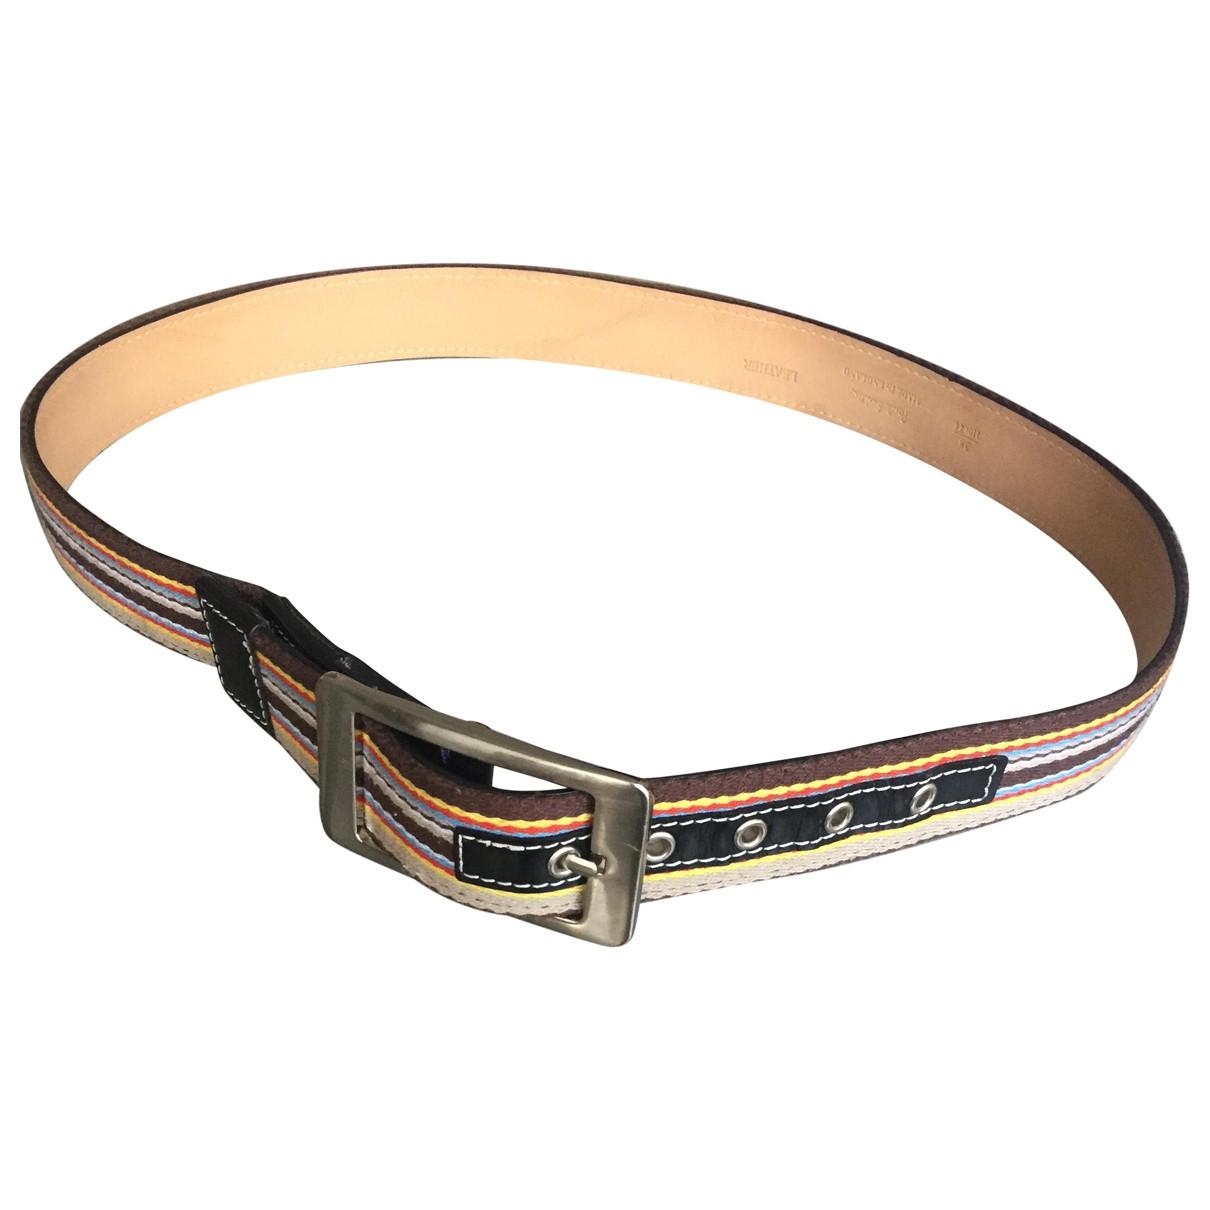 Cinturon de Lona Paul Smith